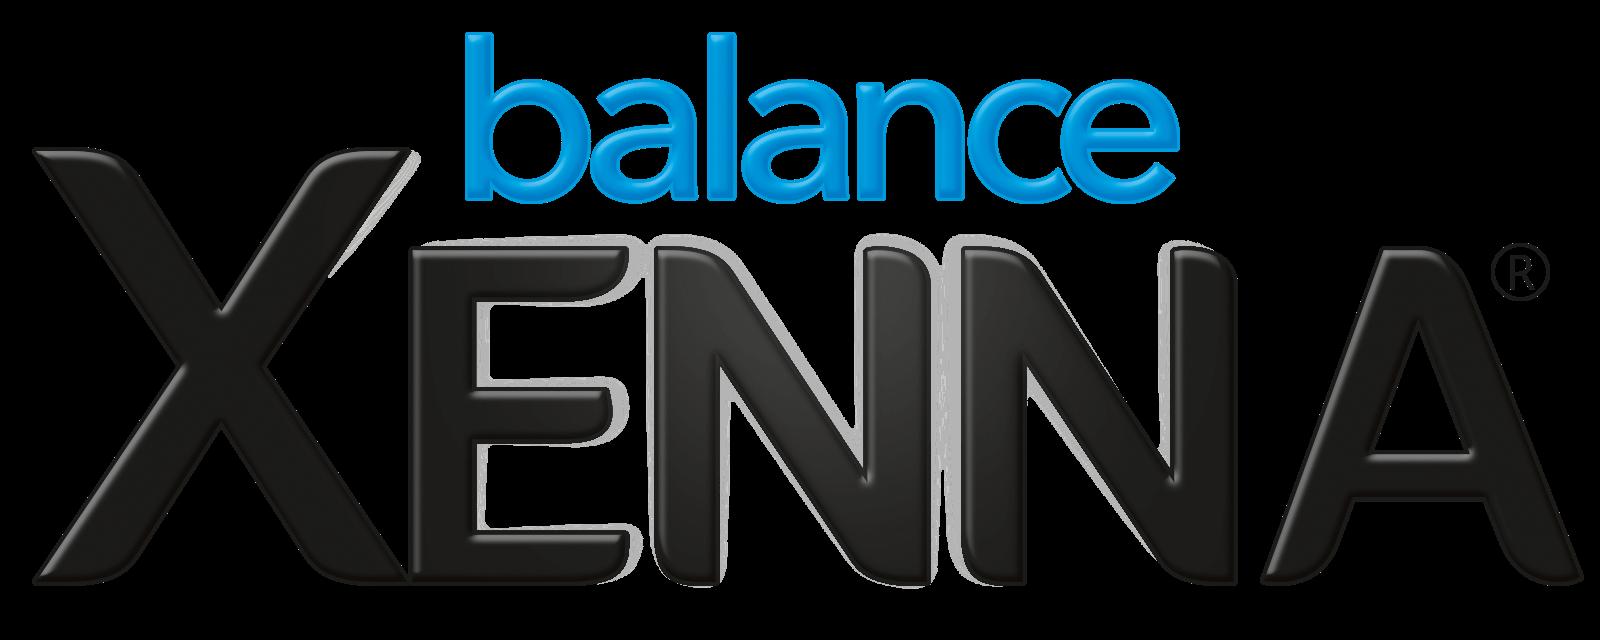 Logo XENNA balance